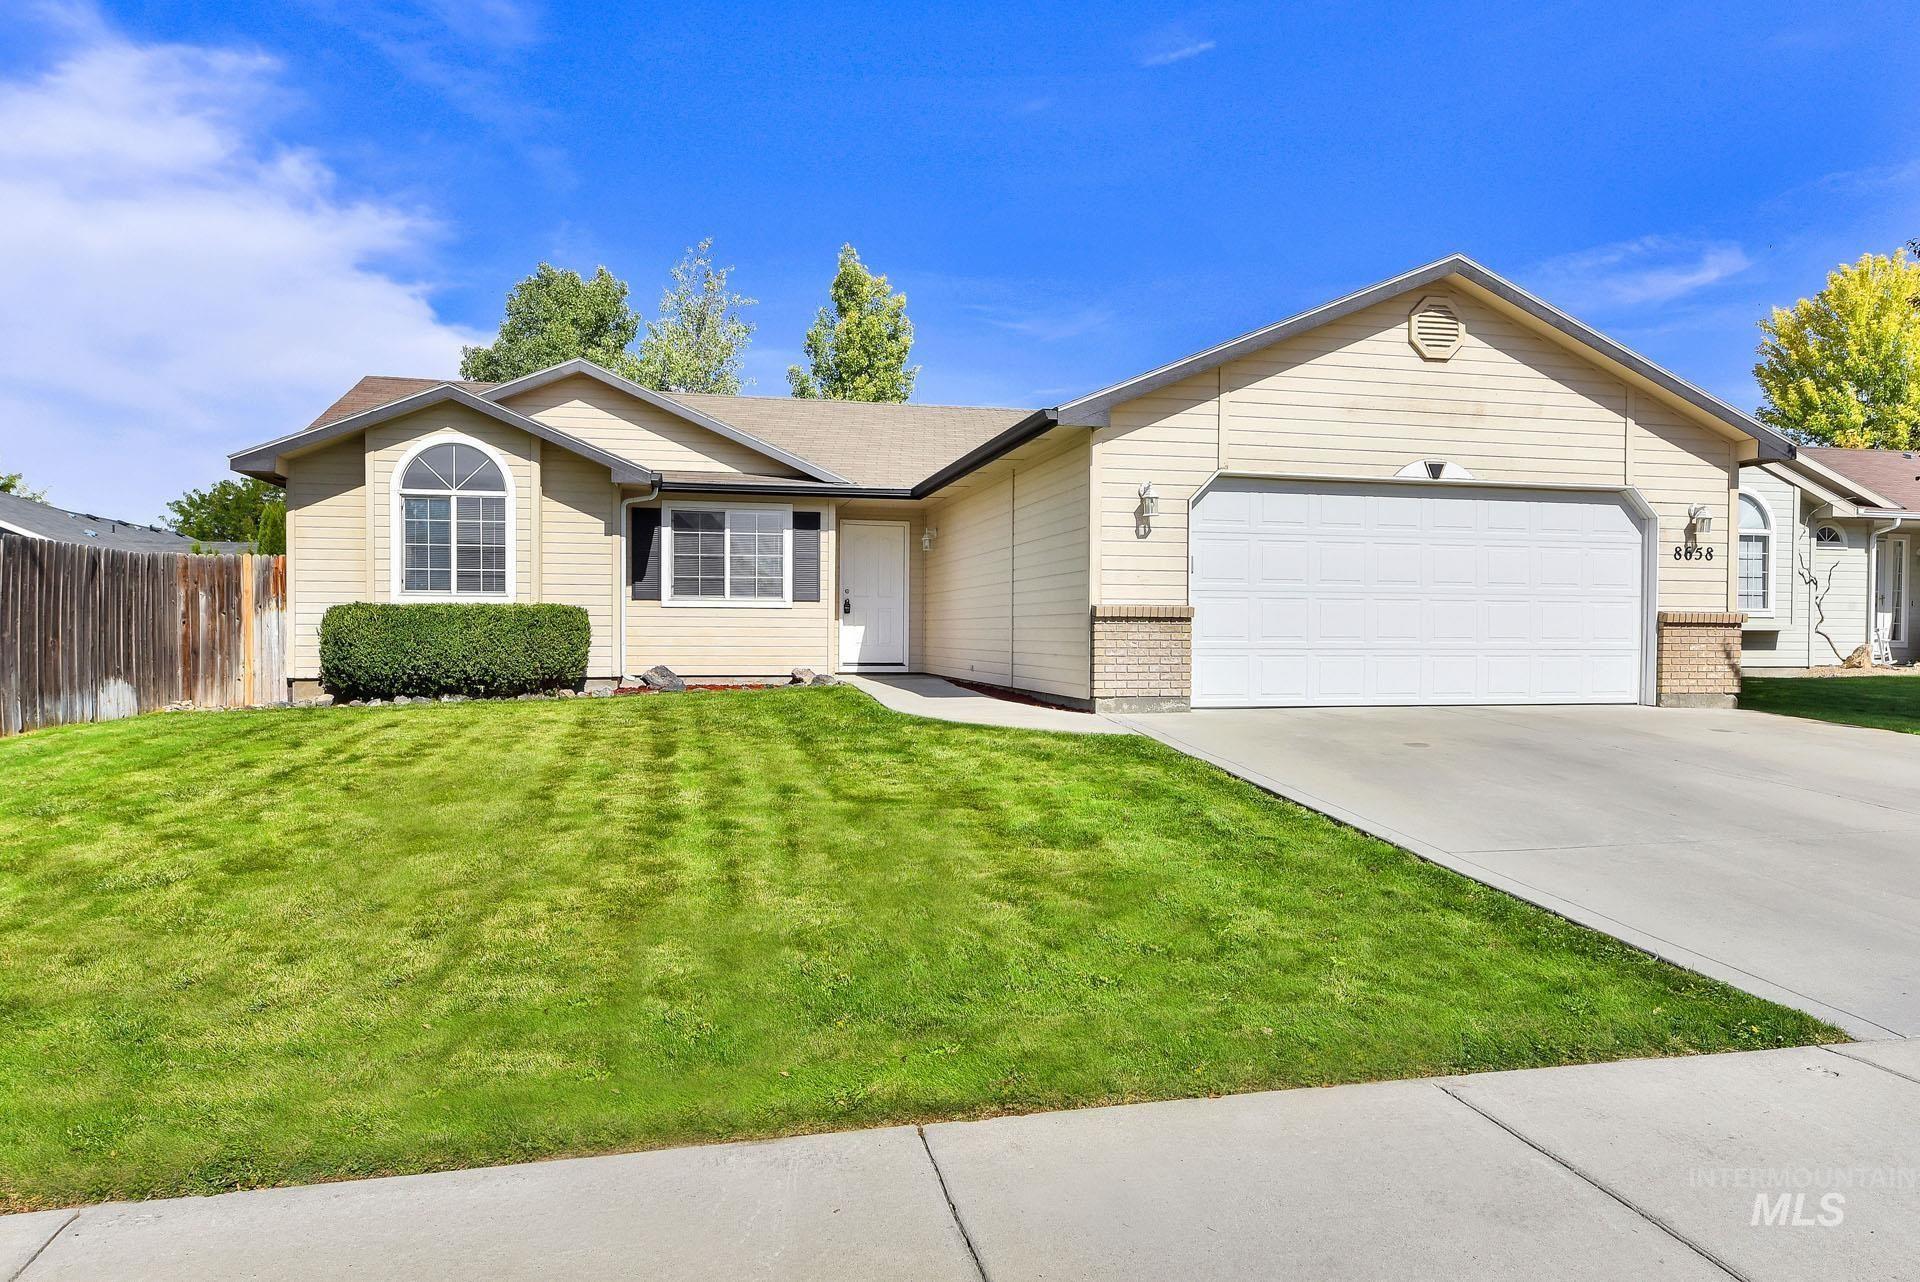 8658 W Moonlight, Boise, ID 83709 - MLS#: 98820200